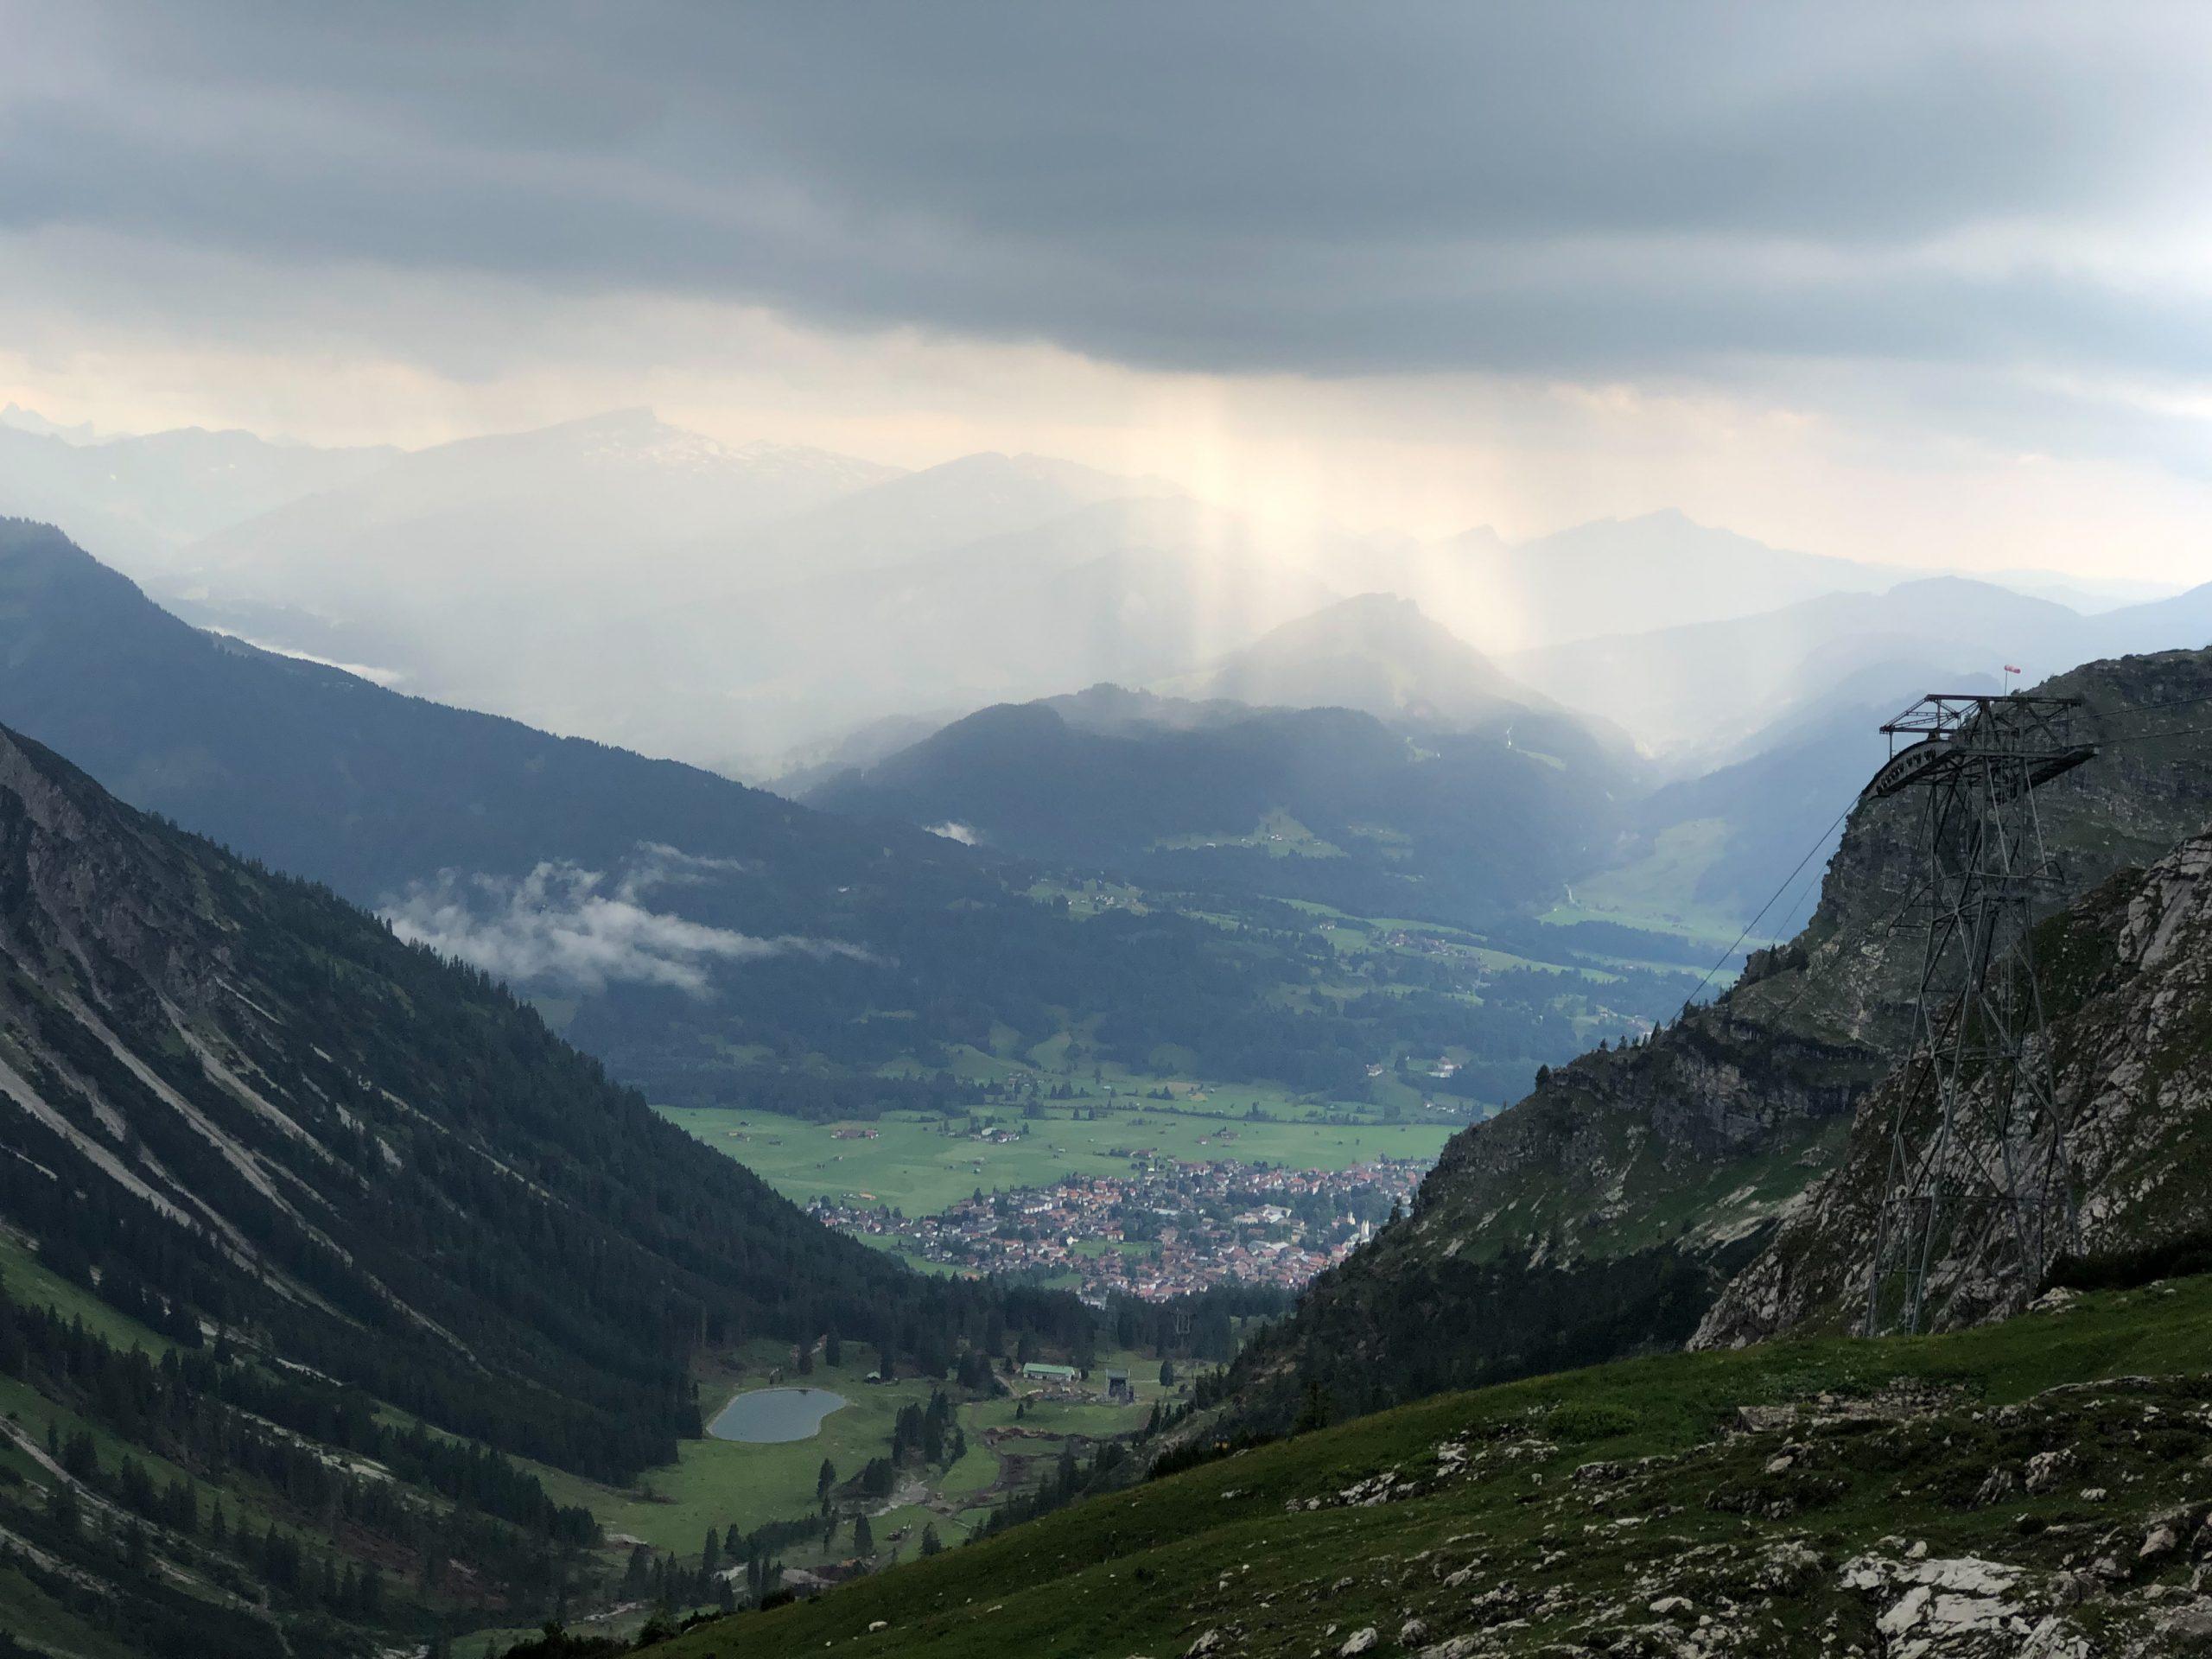 Le village d'Oberstdorf est le village le plus méridional d'Allemagne, situé en Bavière du sud